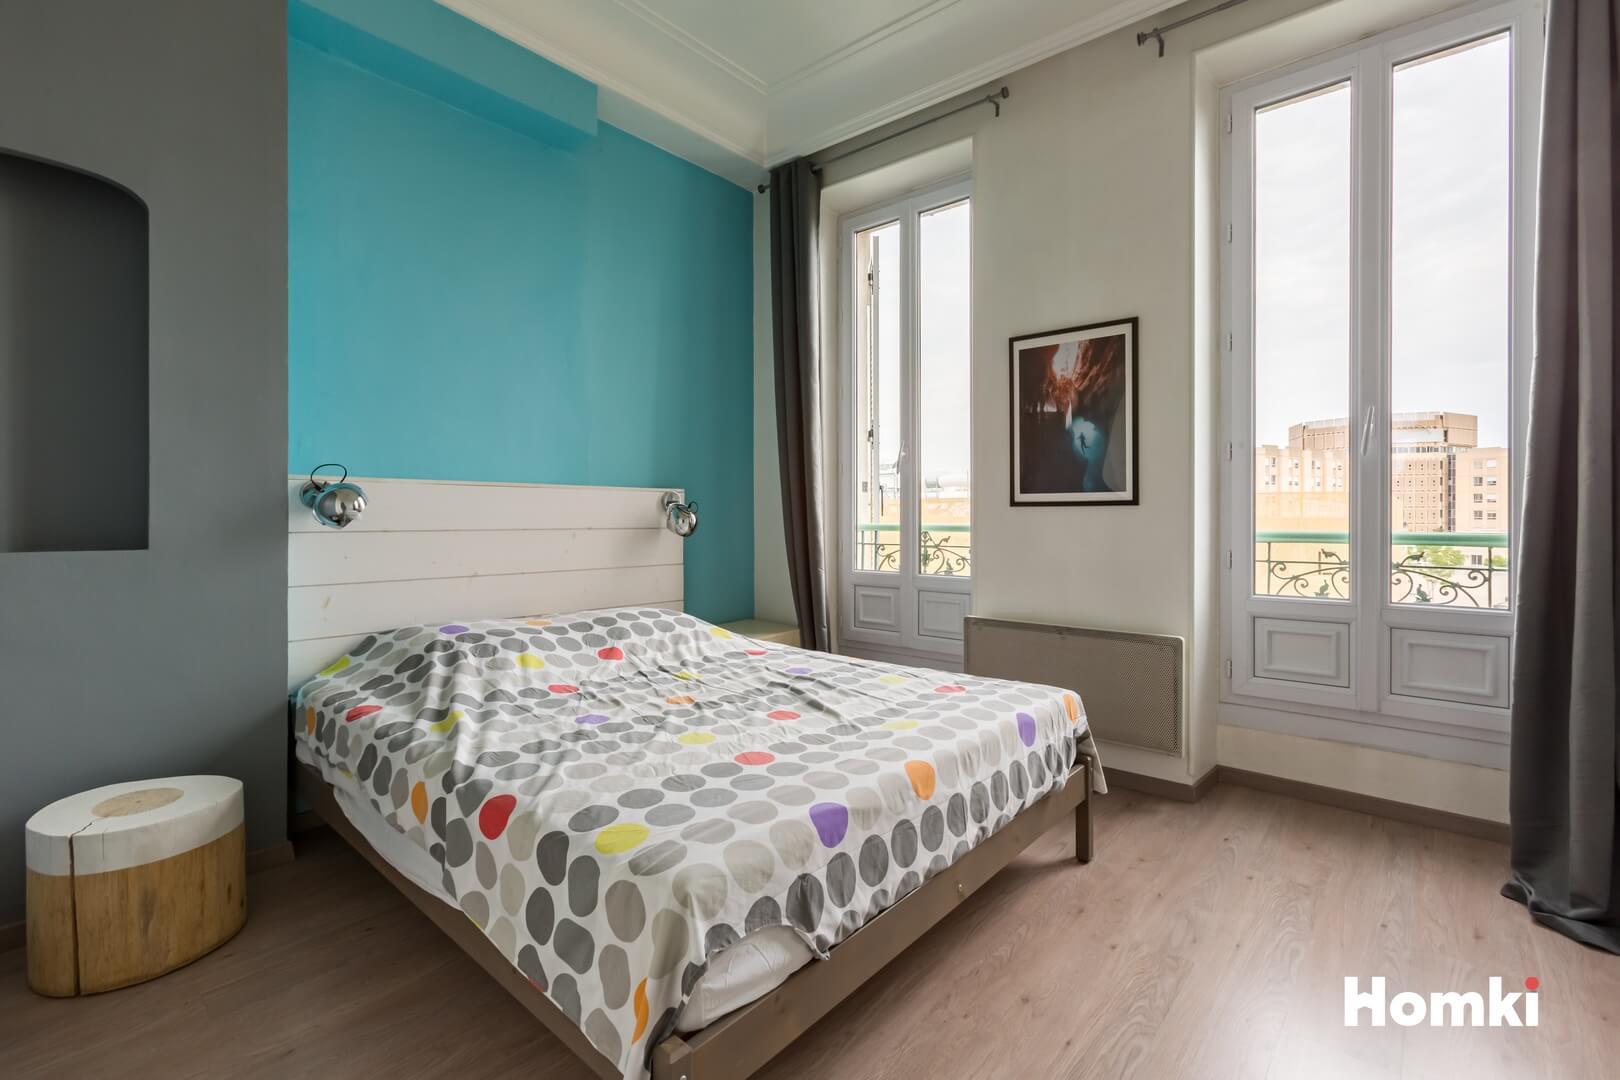 Homki - Vente Appartement  de 49.0 m² à Marseille 13005